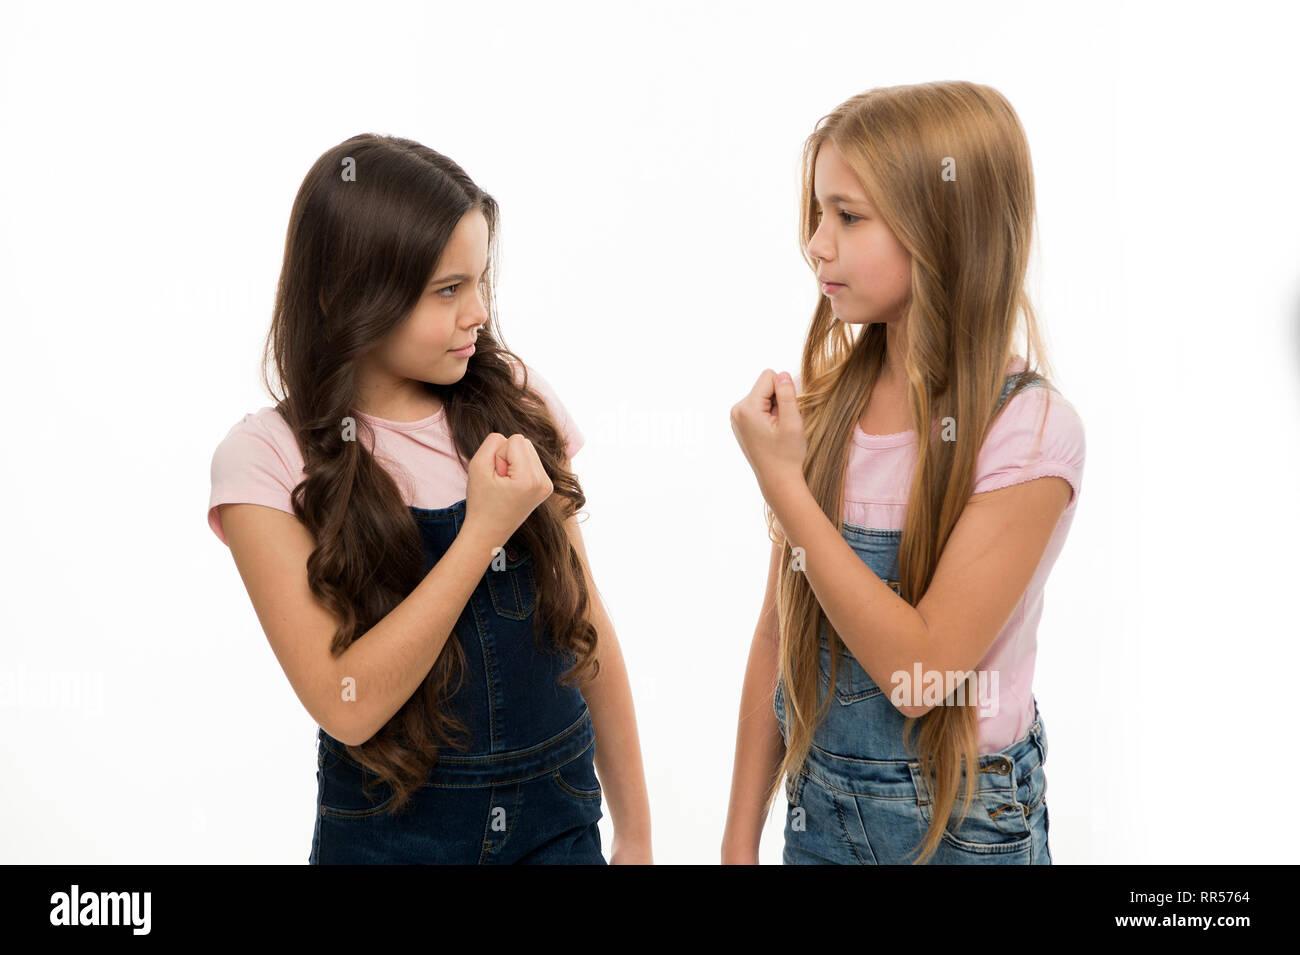 Wer Ist Das Schonste Kleine Madchen Mit Langen Frisur Zeigen Ihre